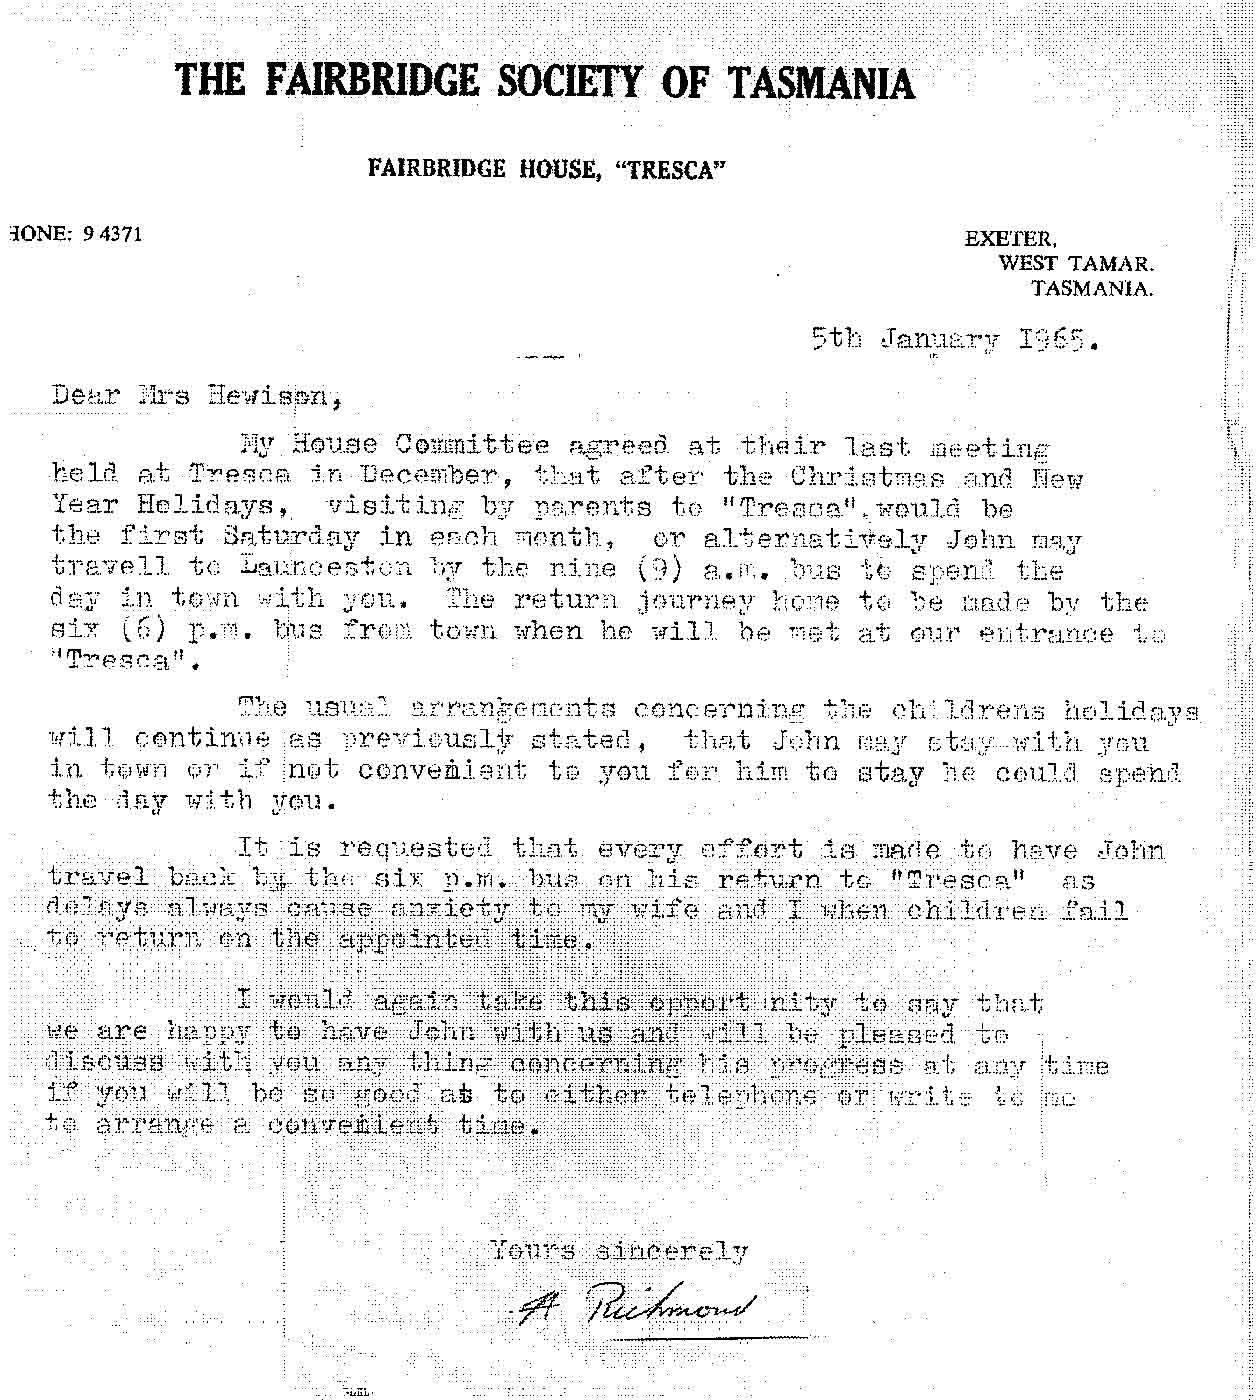 Copy of a formal letter from 'A Richmond /THE FAIRBRIDGE SOCIETY OF TASMANIA / FAIRBRIDGE HOUSE